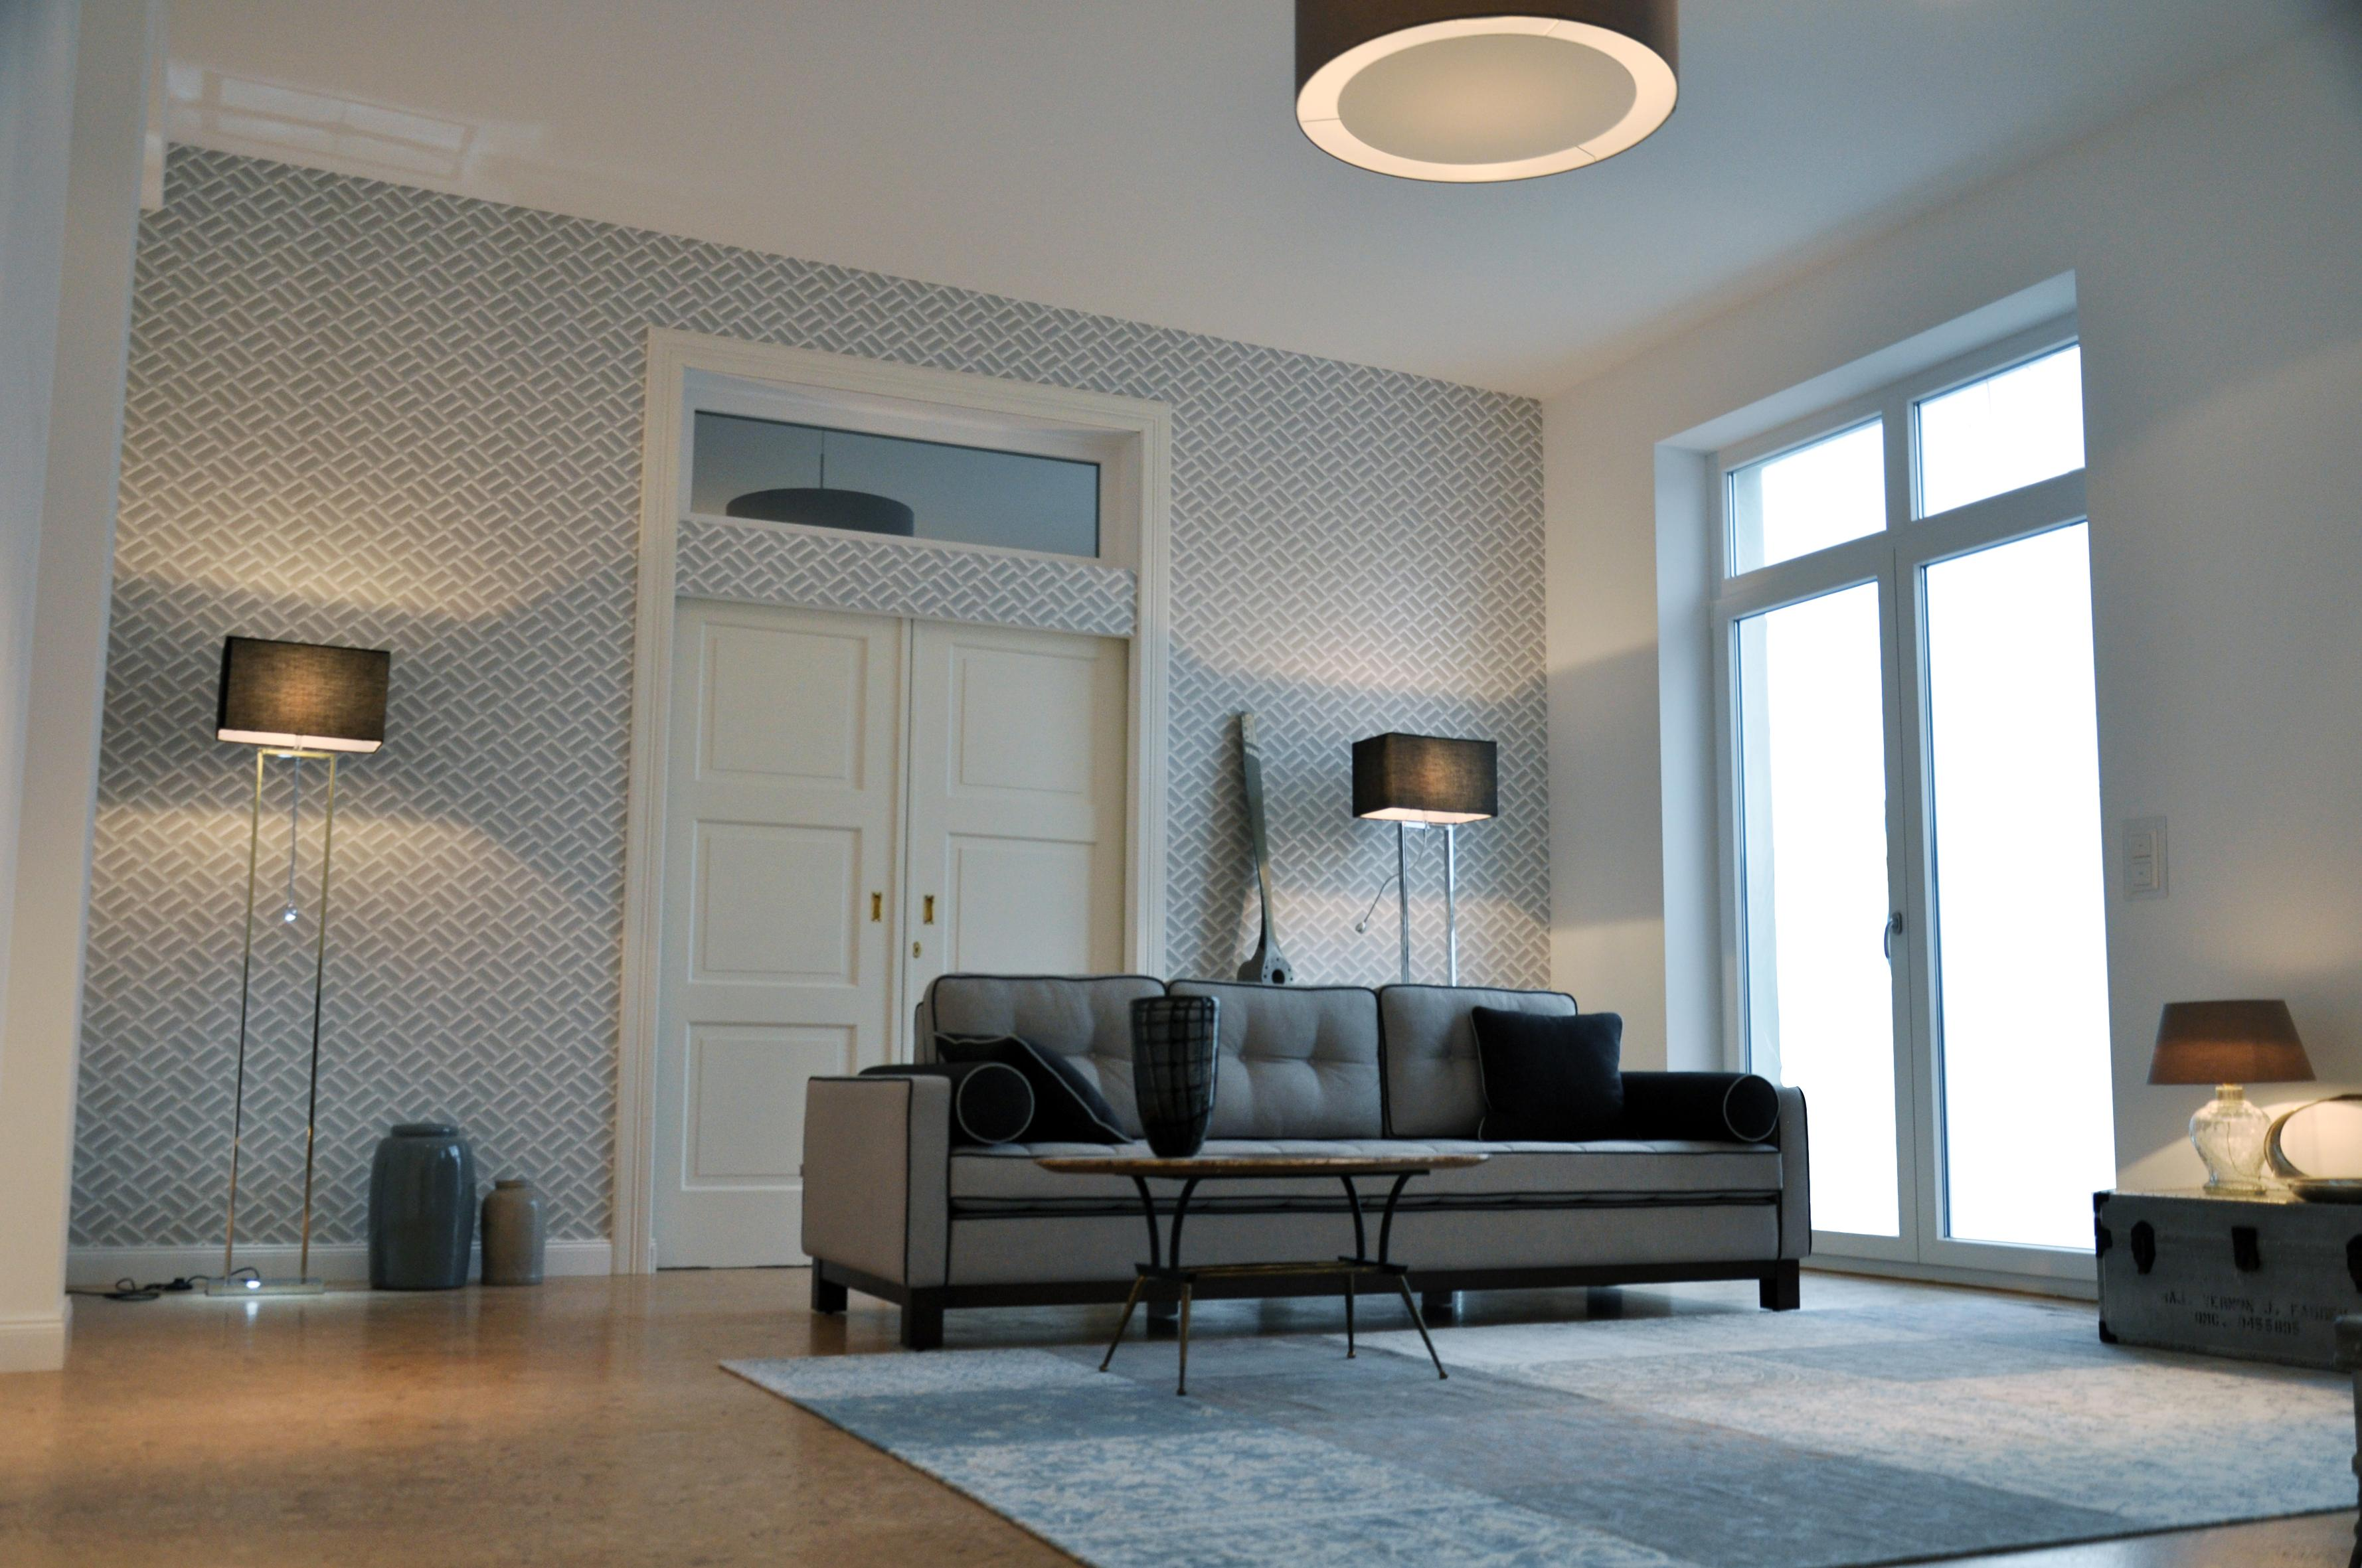 20er jahre bilder ideen couchstyle for Wohnzimmer 20er jahre